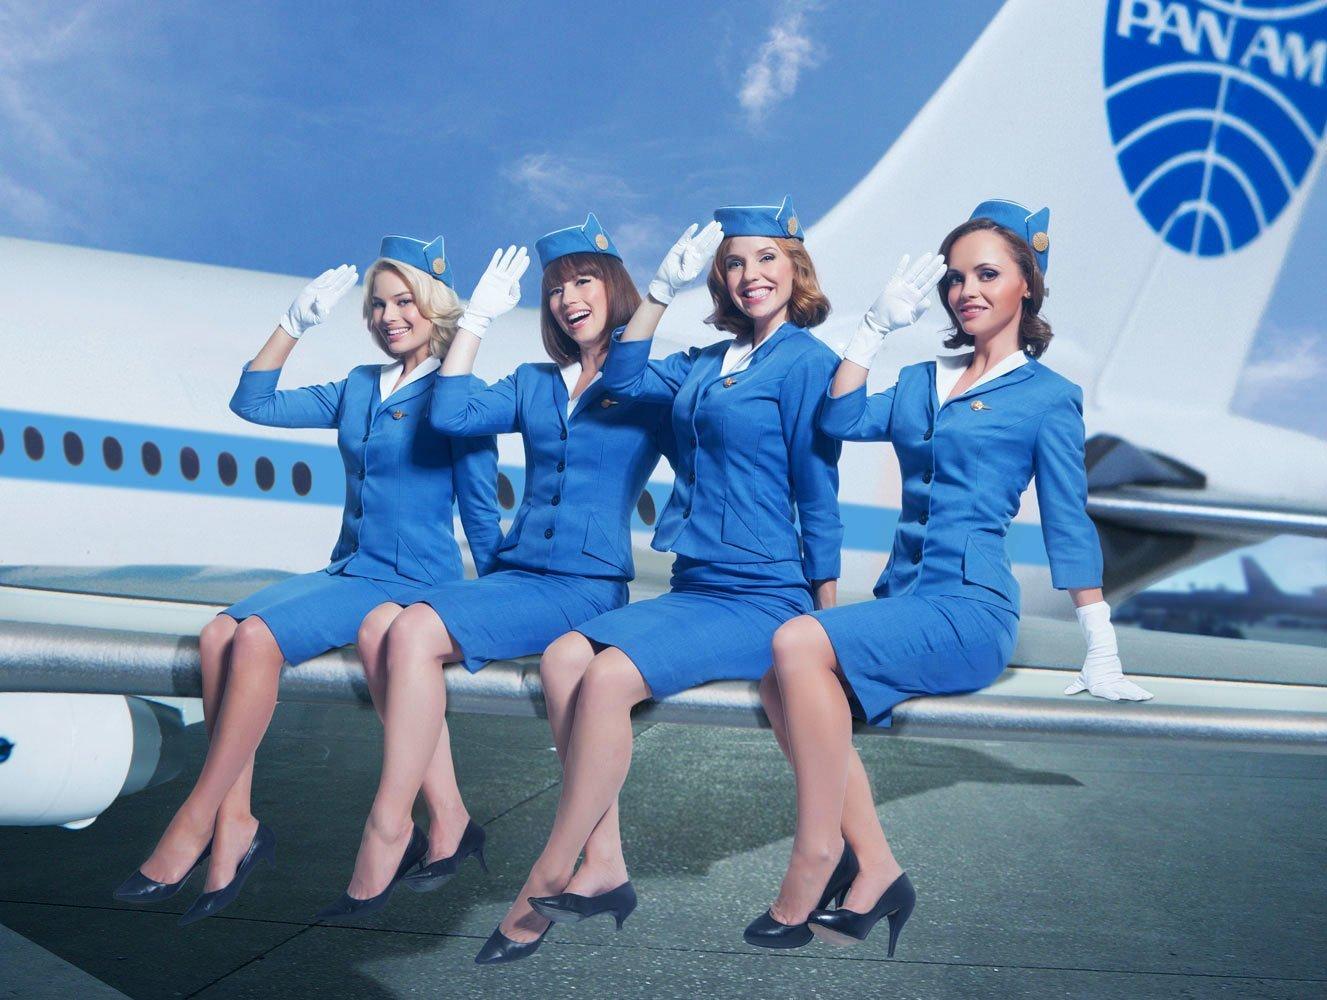 фото веселых стюардесс - 13